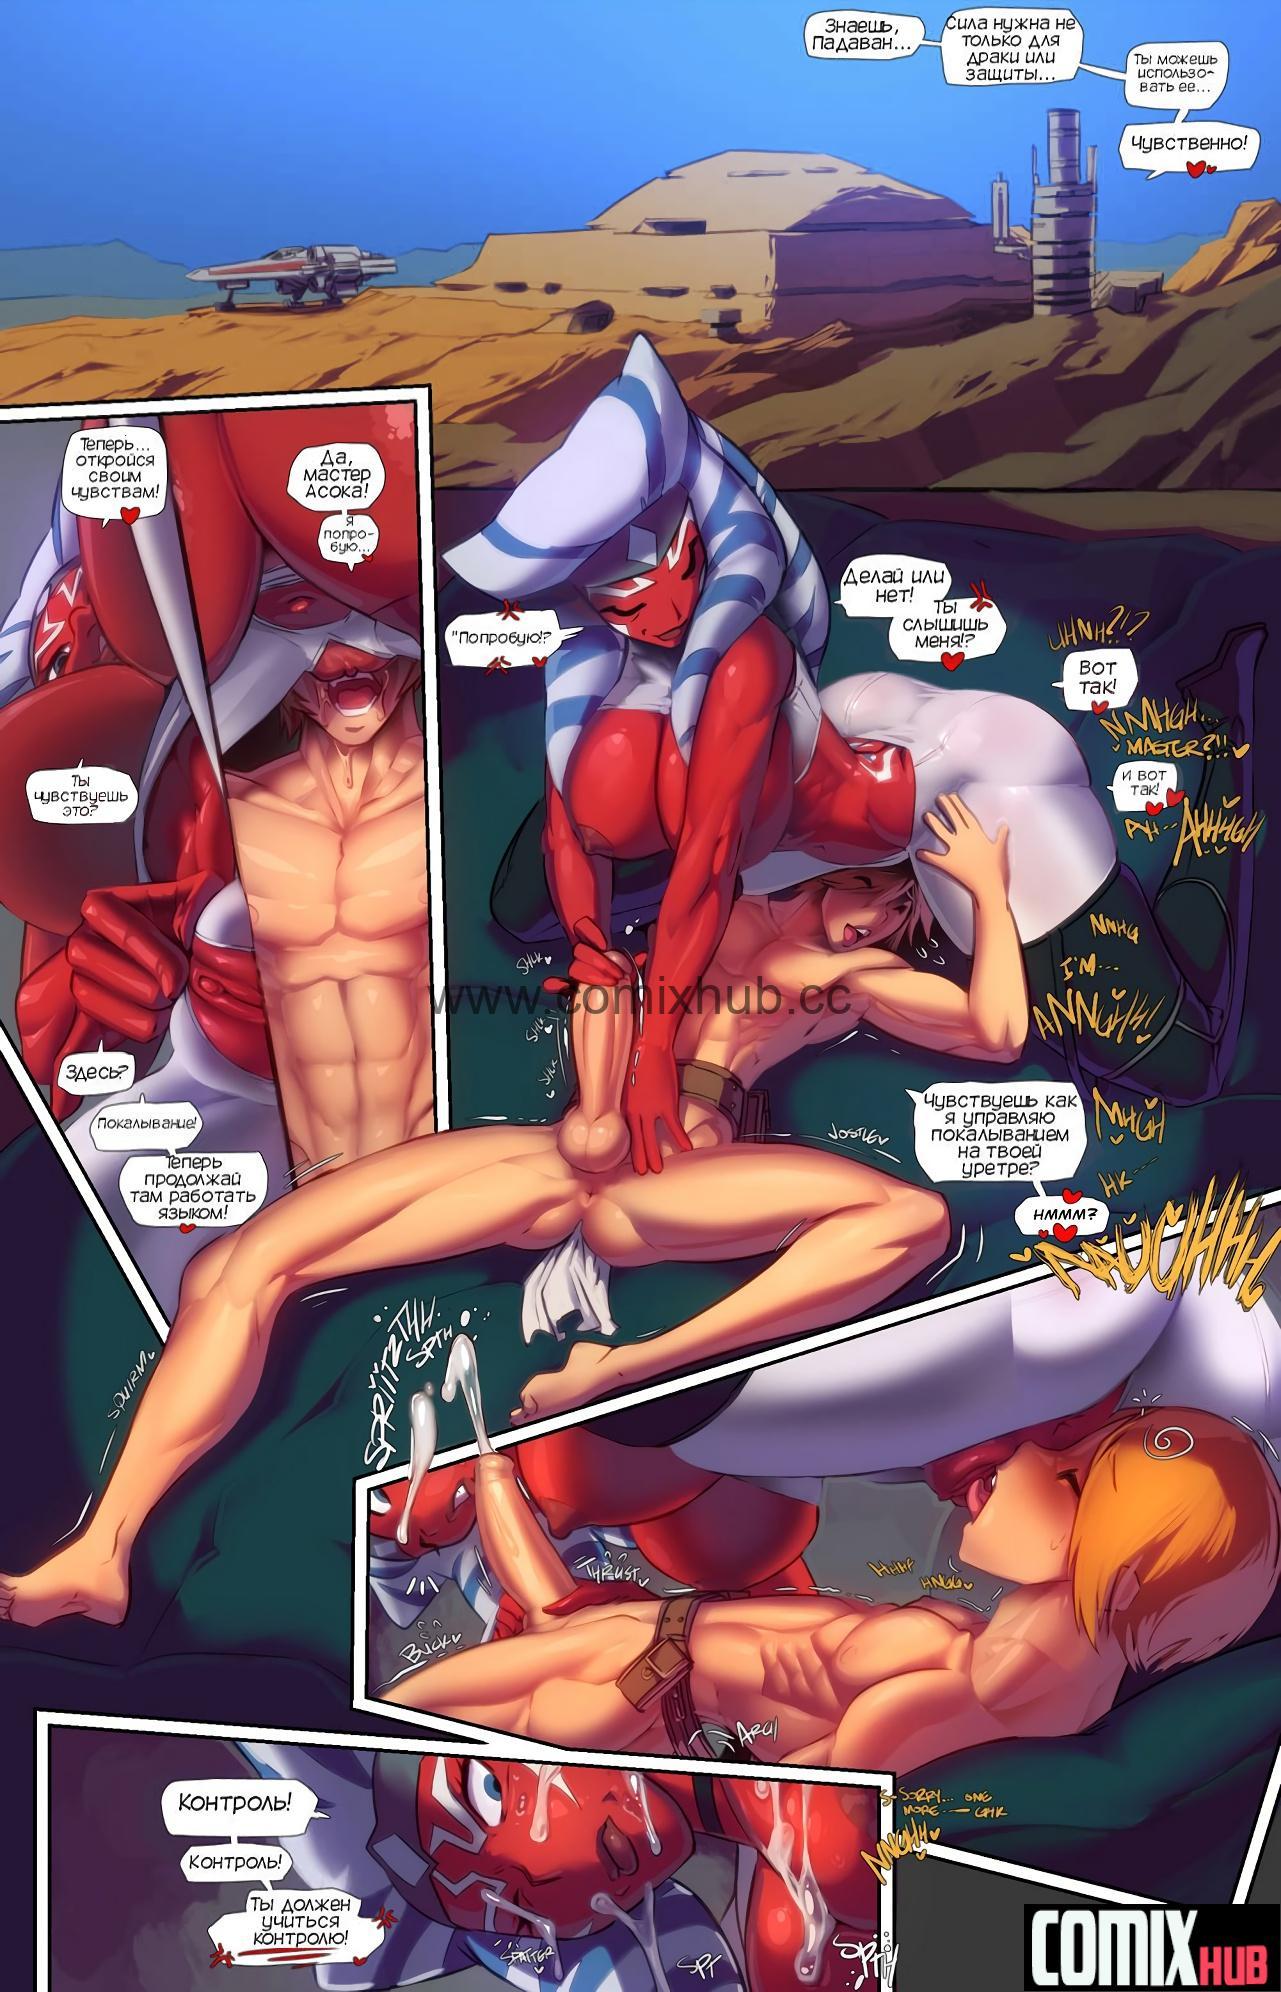 Порно комикс по звездным войнам Порно комиксы, Большие члены, Мастурбация, Монстры